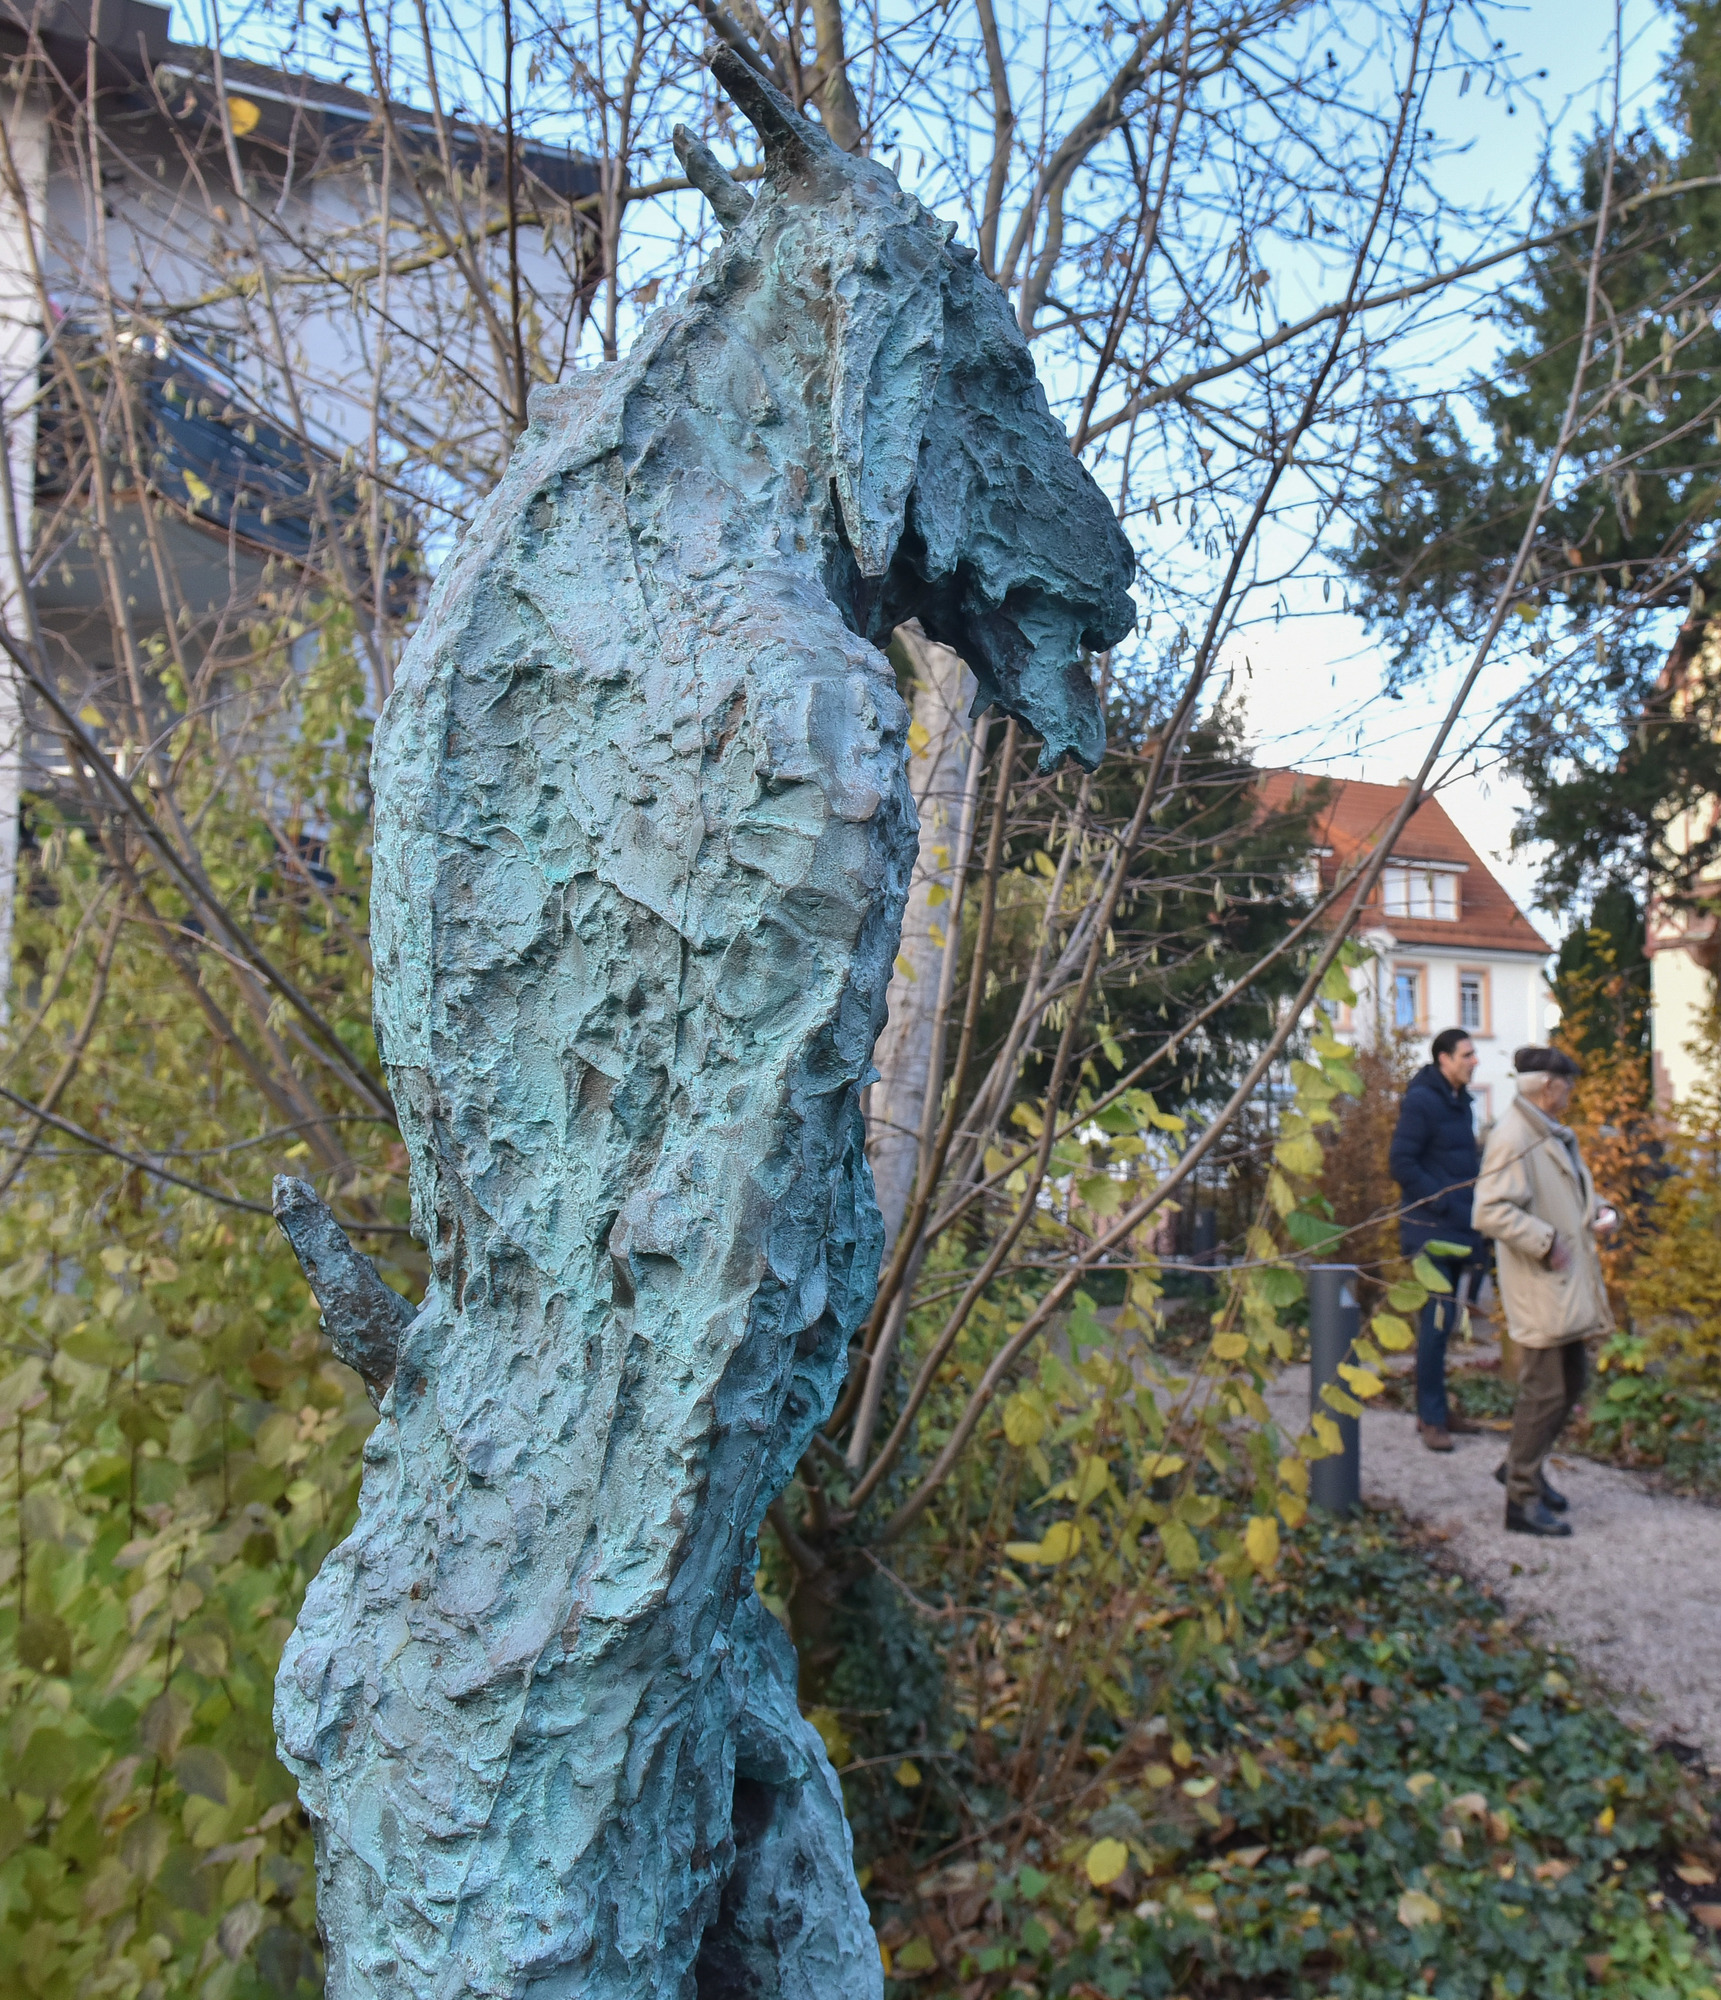 Full Size of Skulpturen Garten Gartenskulpturen Aus Stein Italien Kaufen Selber Machen Skulpturengarten Hirschberg Zwischen 3000 Pflanzen Und Drei Arid Holzhaus Ecksofa Garten Skulpturen Garten